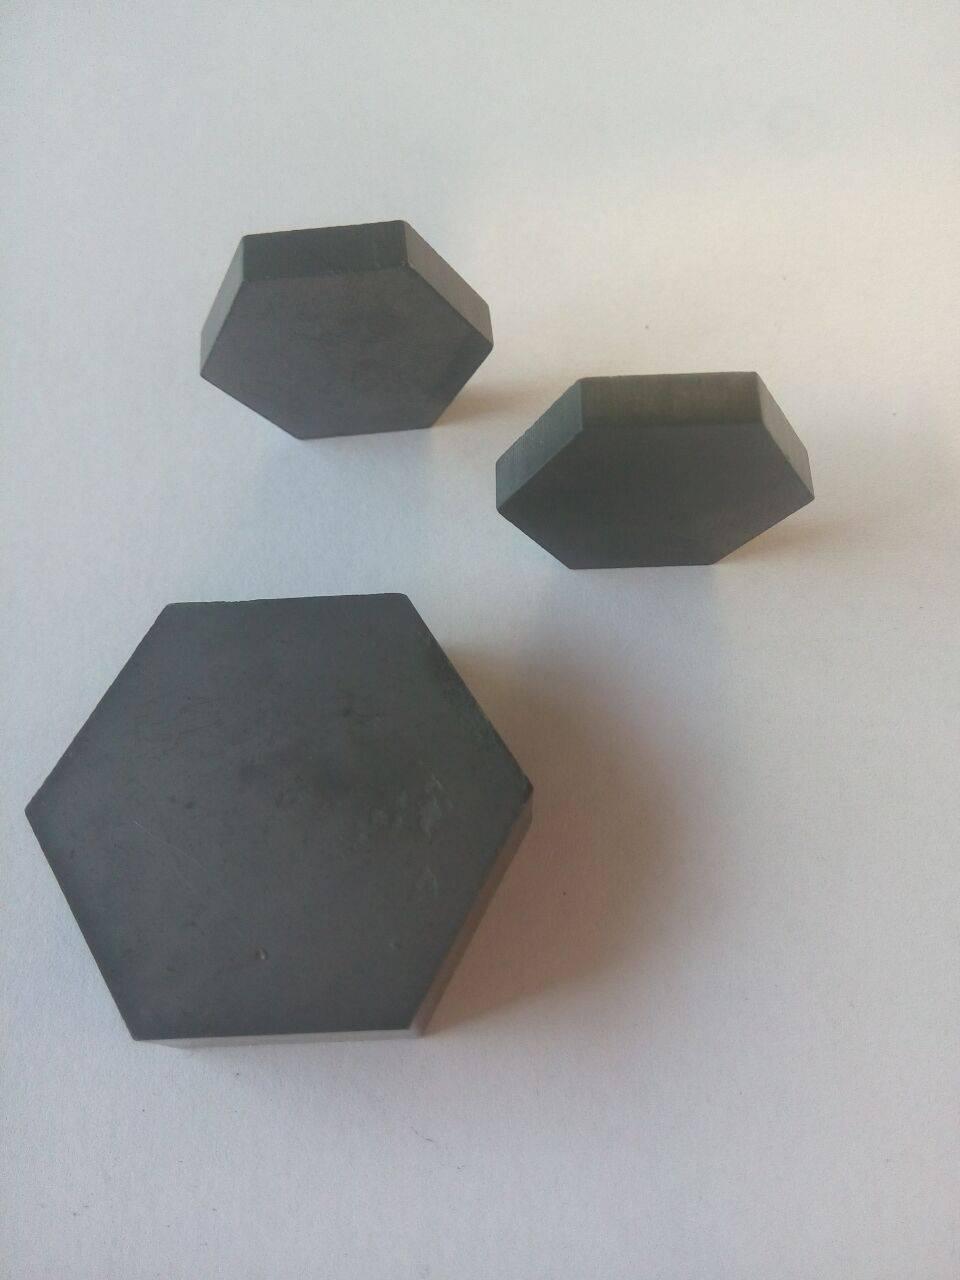 sintered silicon carbide hexagonal tiles